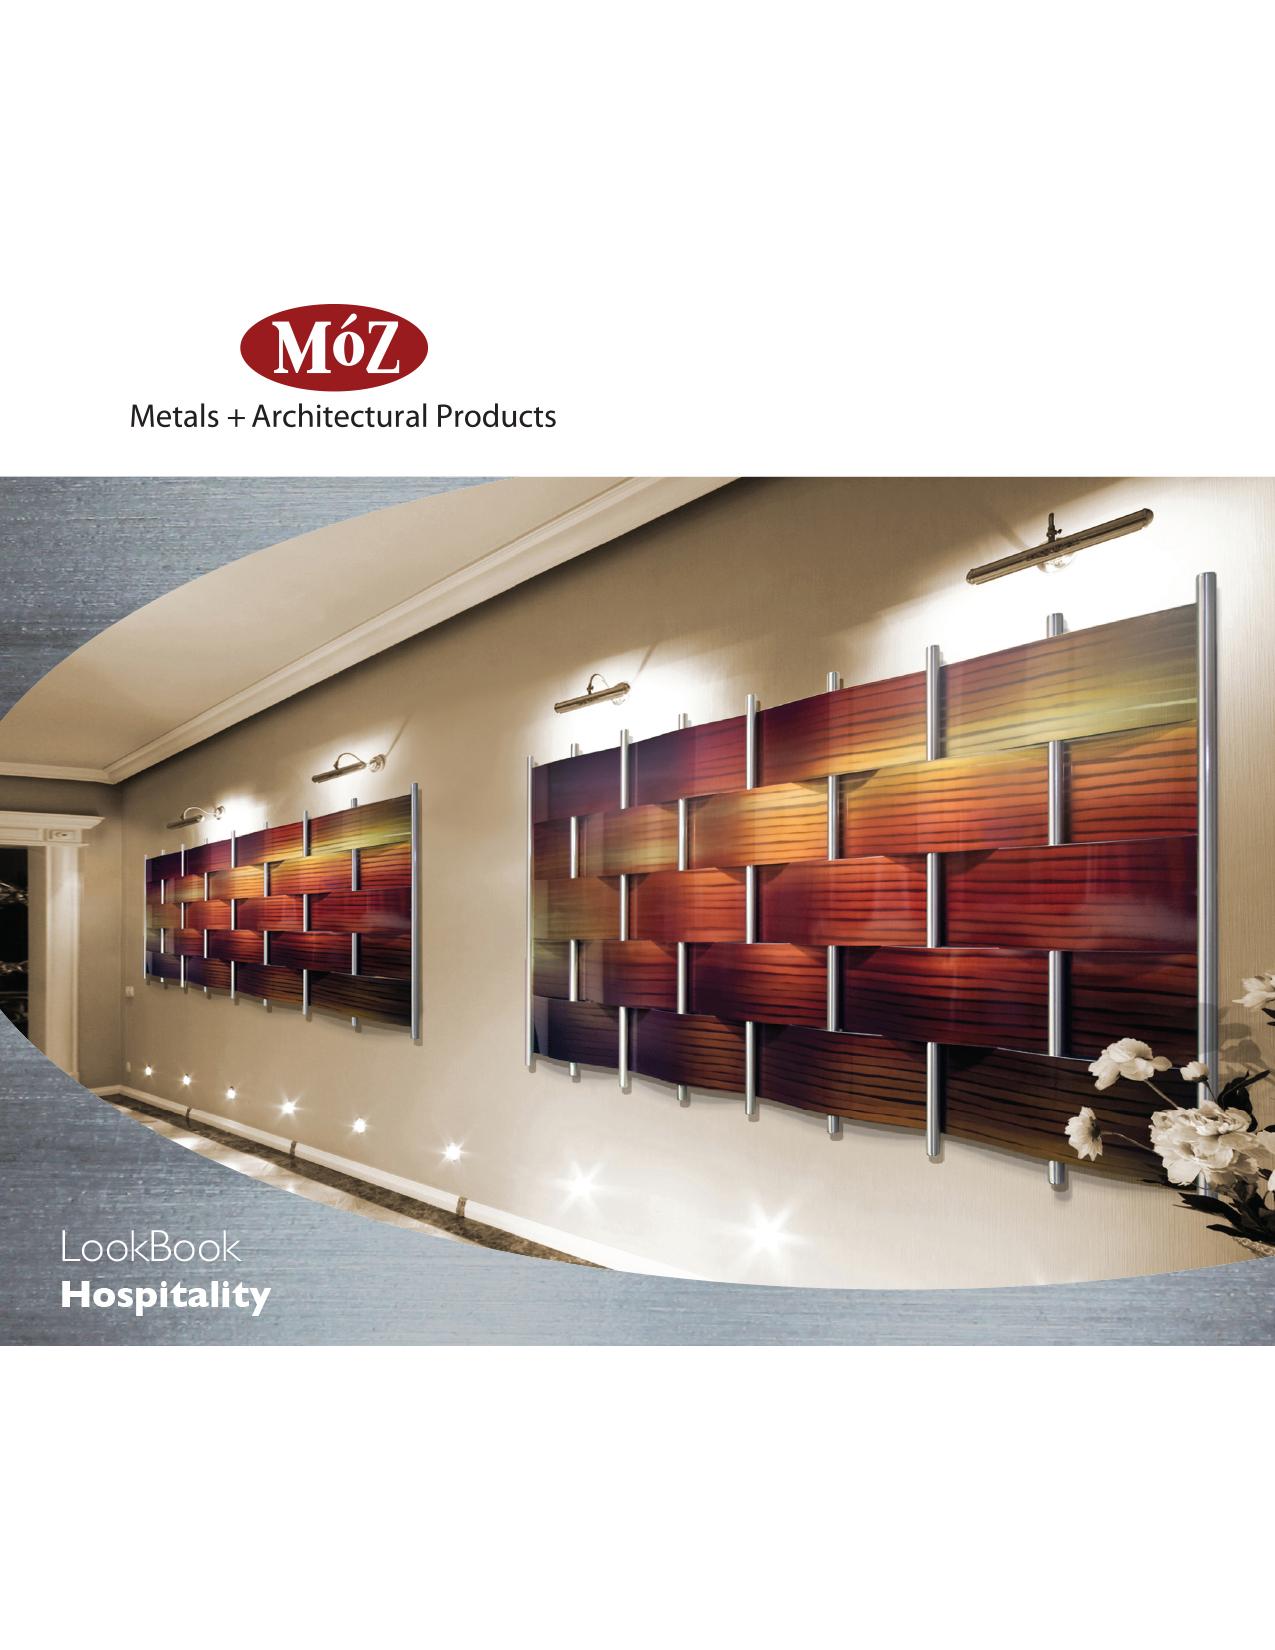 Catalog design for Moz Designs